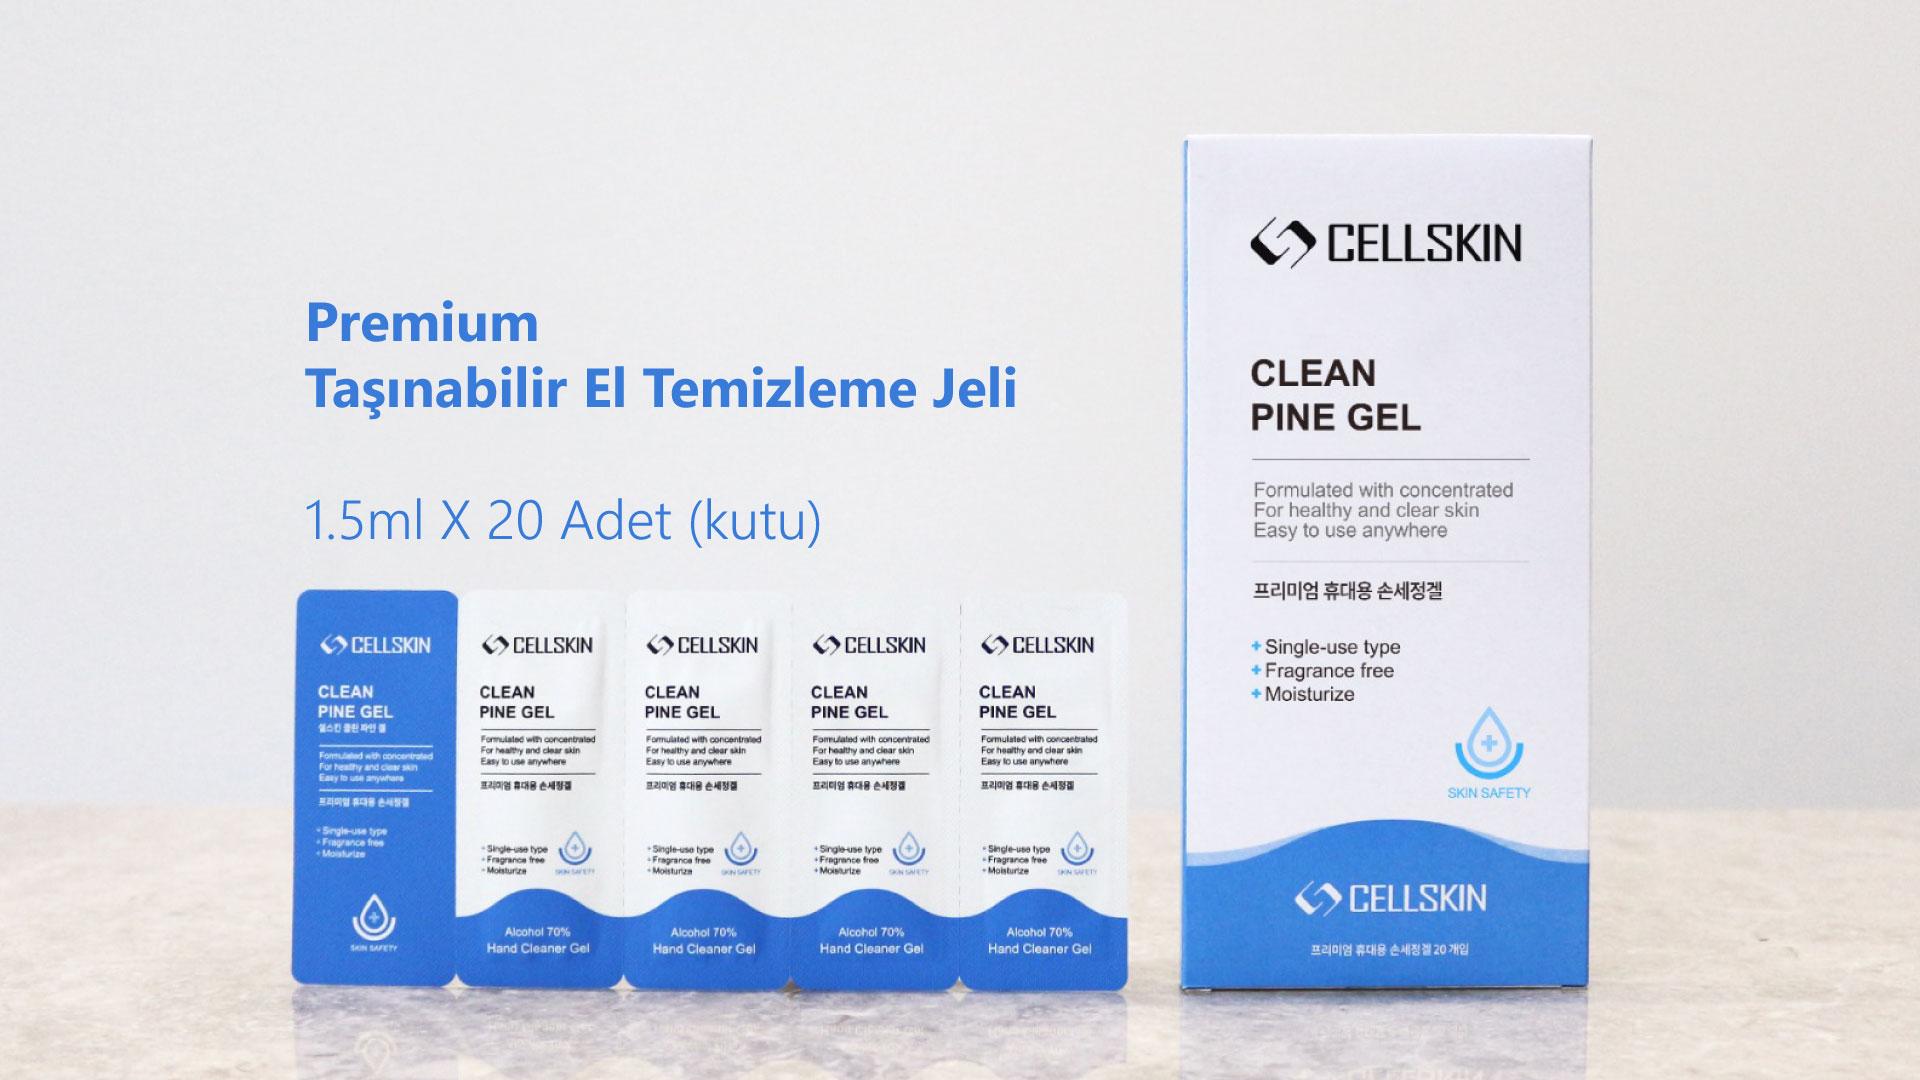 Cellskin-1111